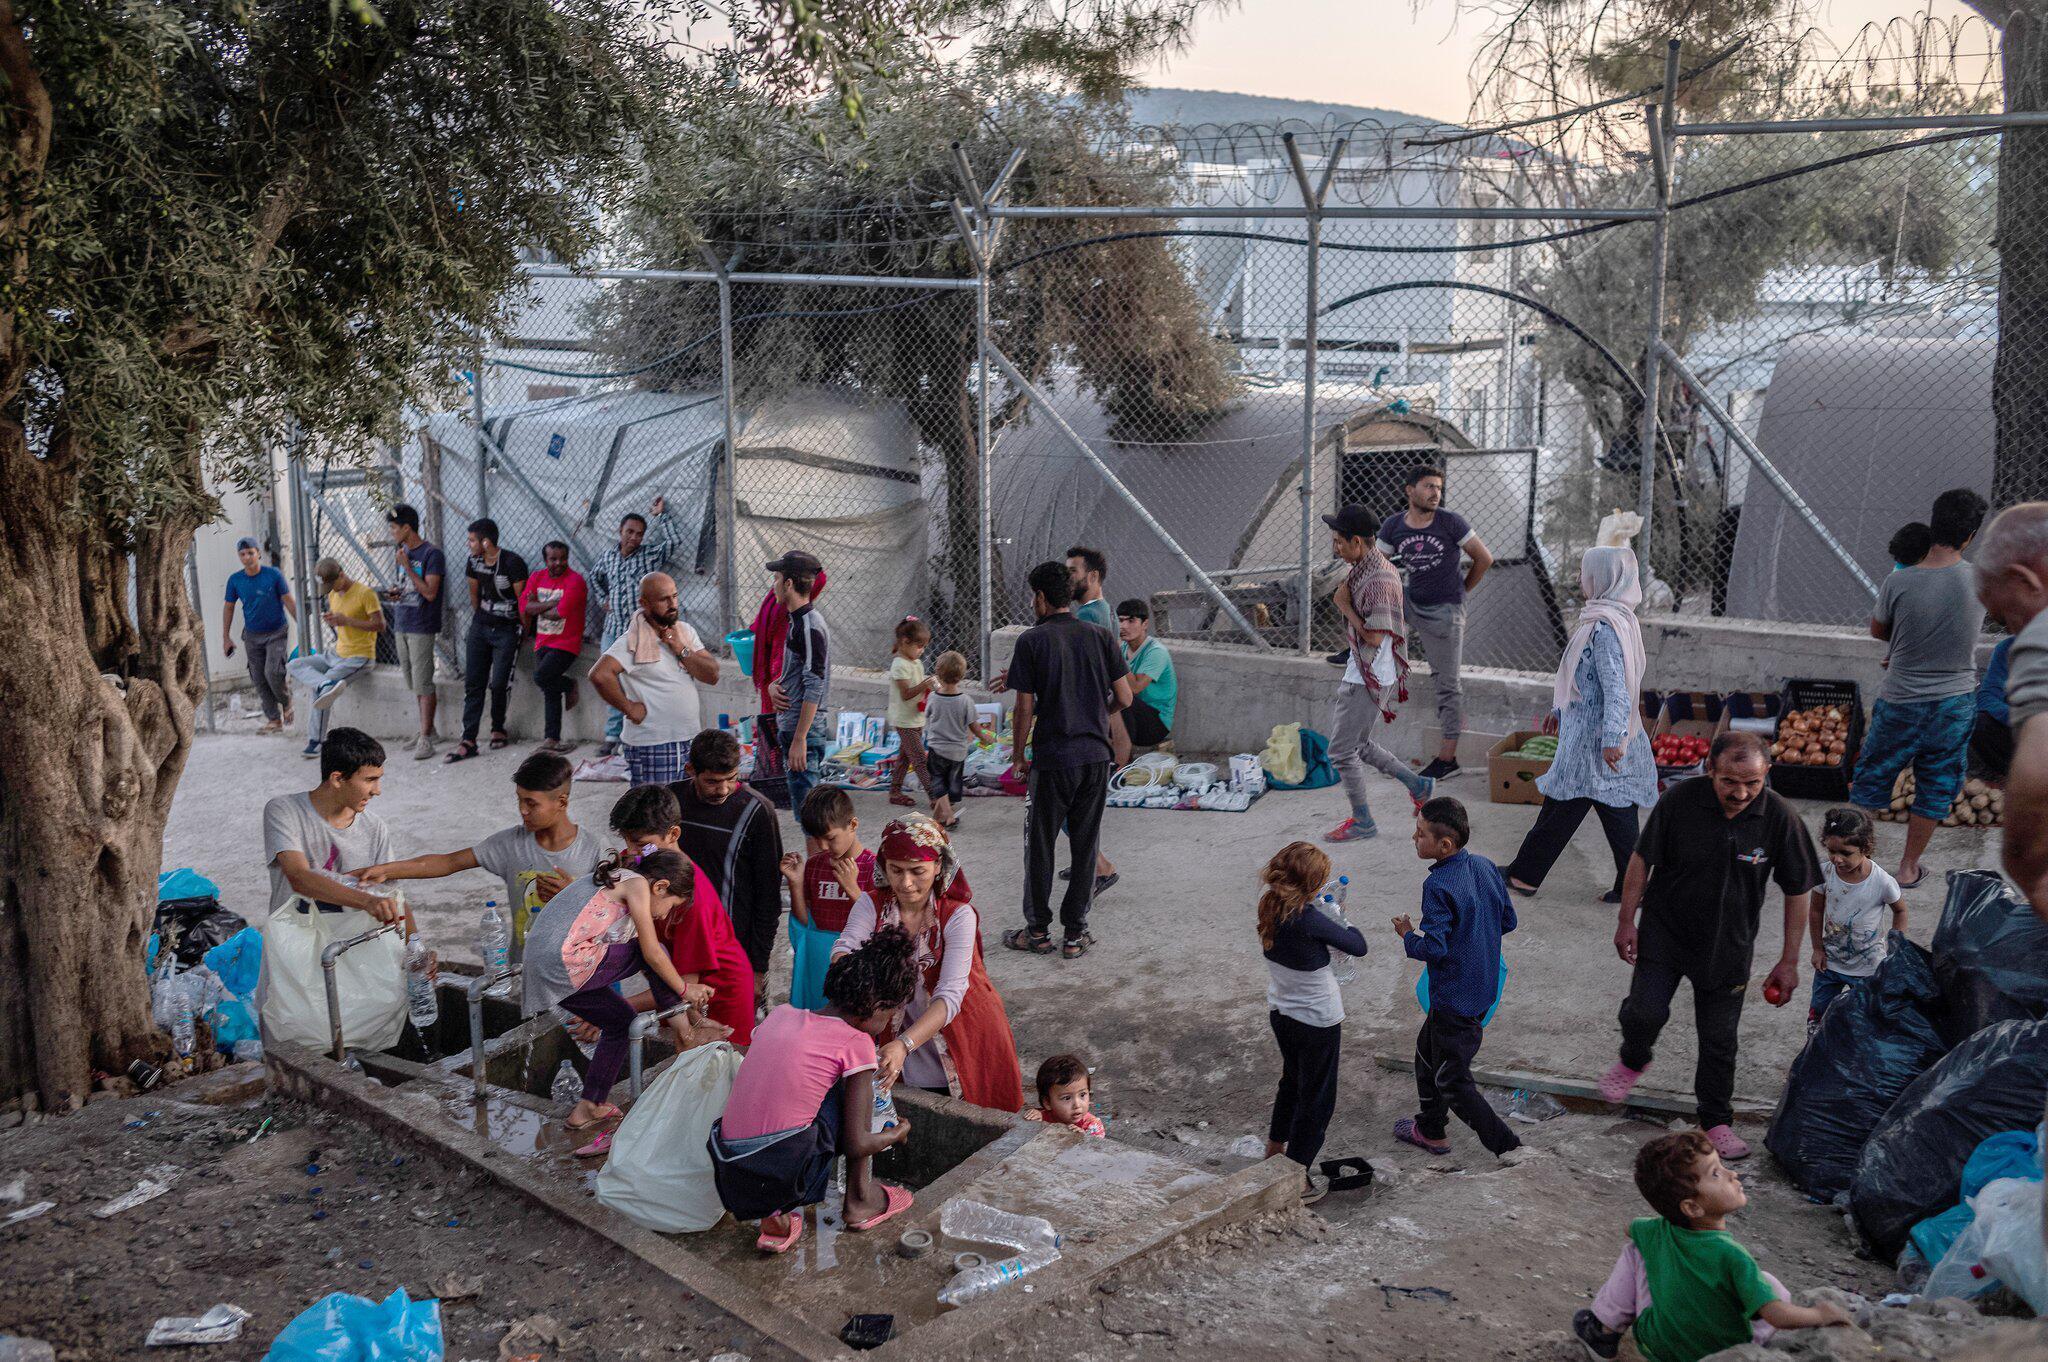 Bild zu Habeck will Kinder aus griechischen Flüchtlingslagern holen